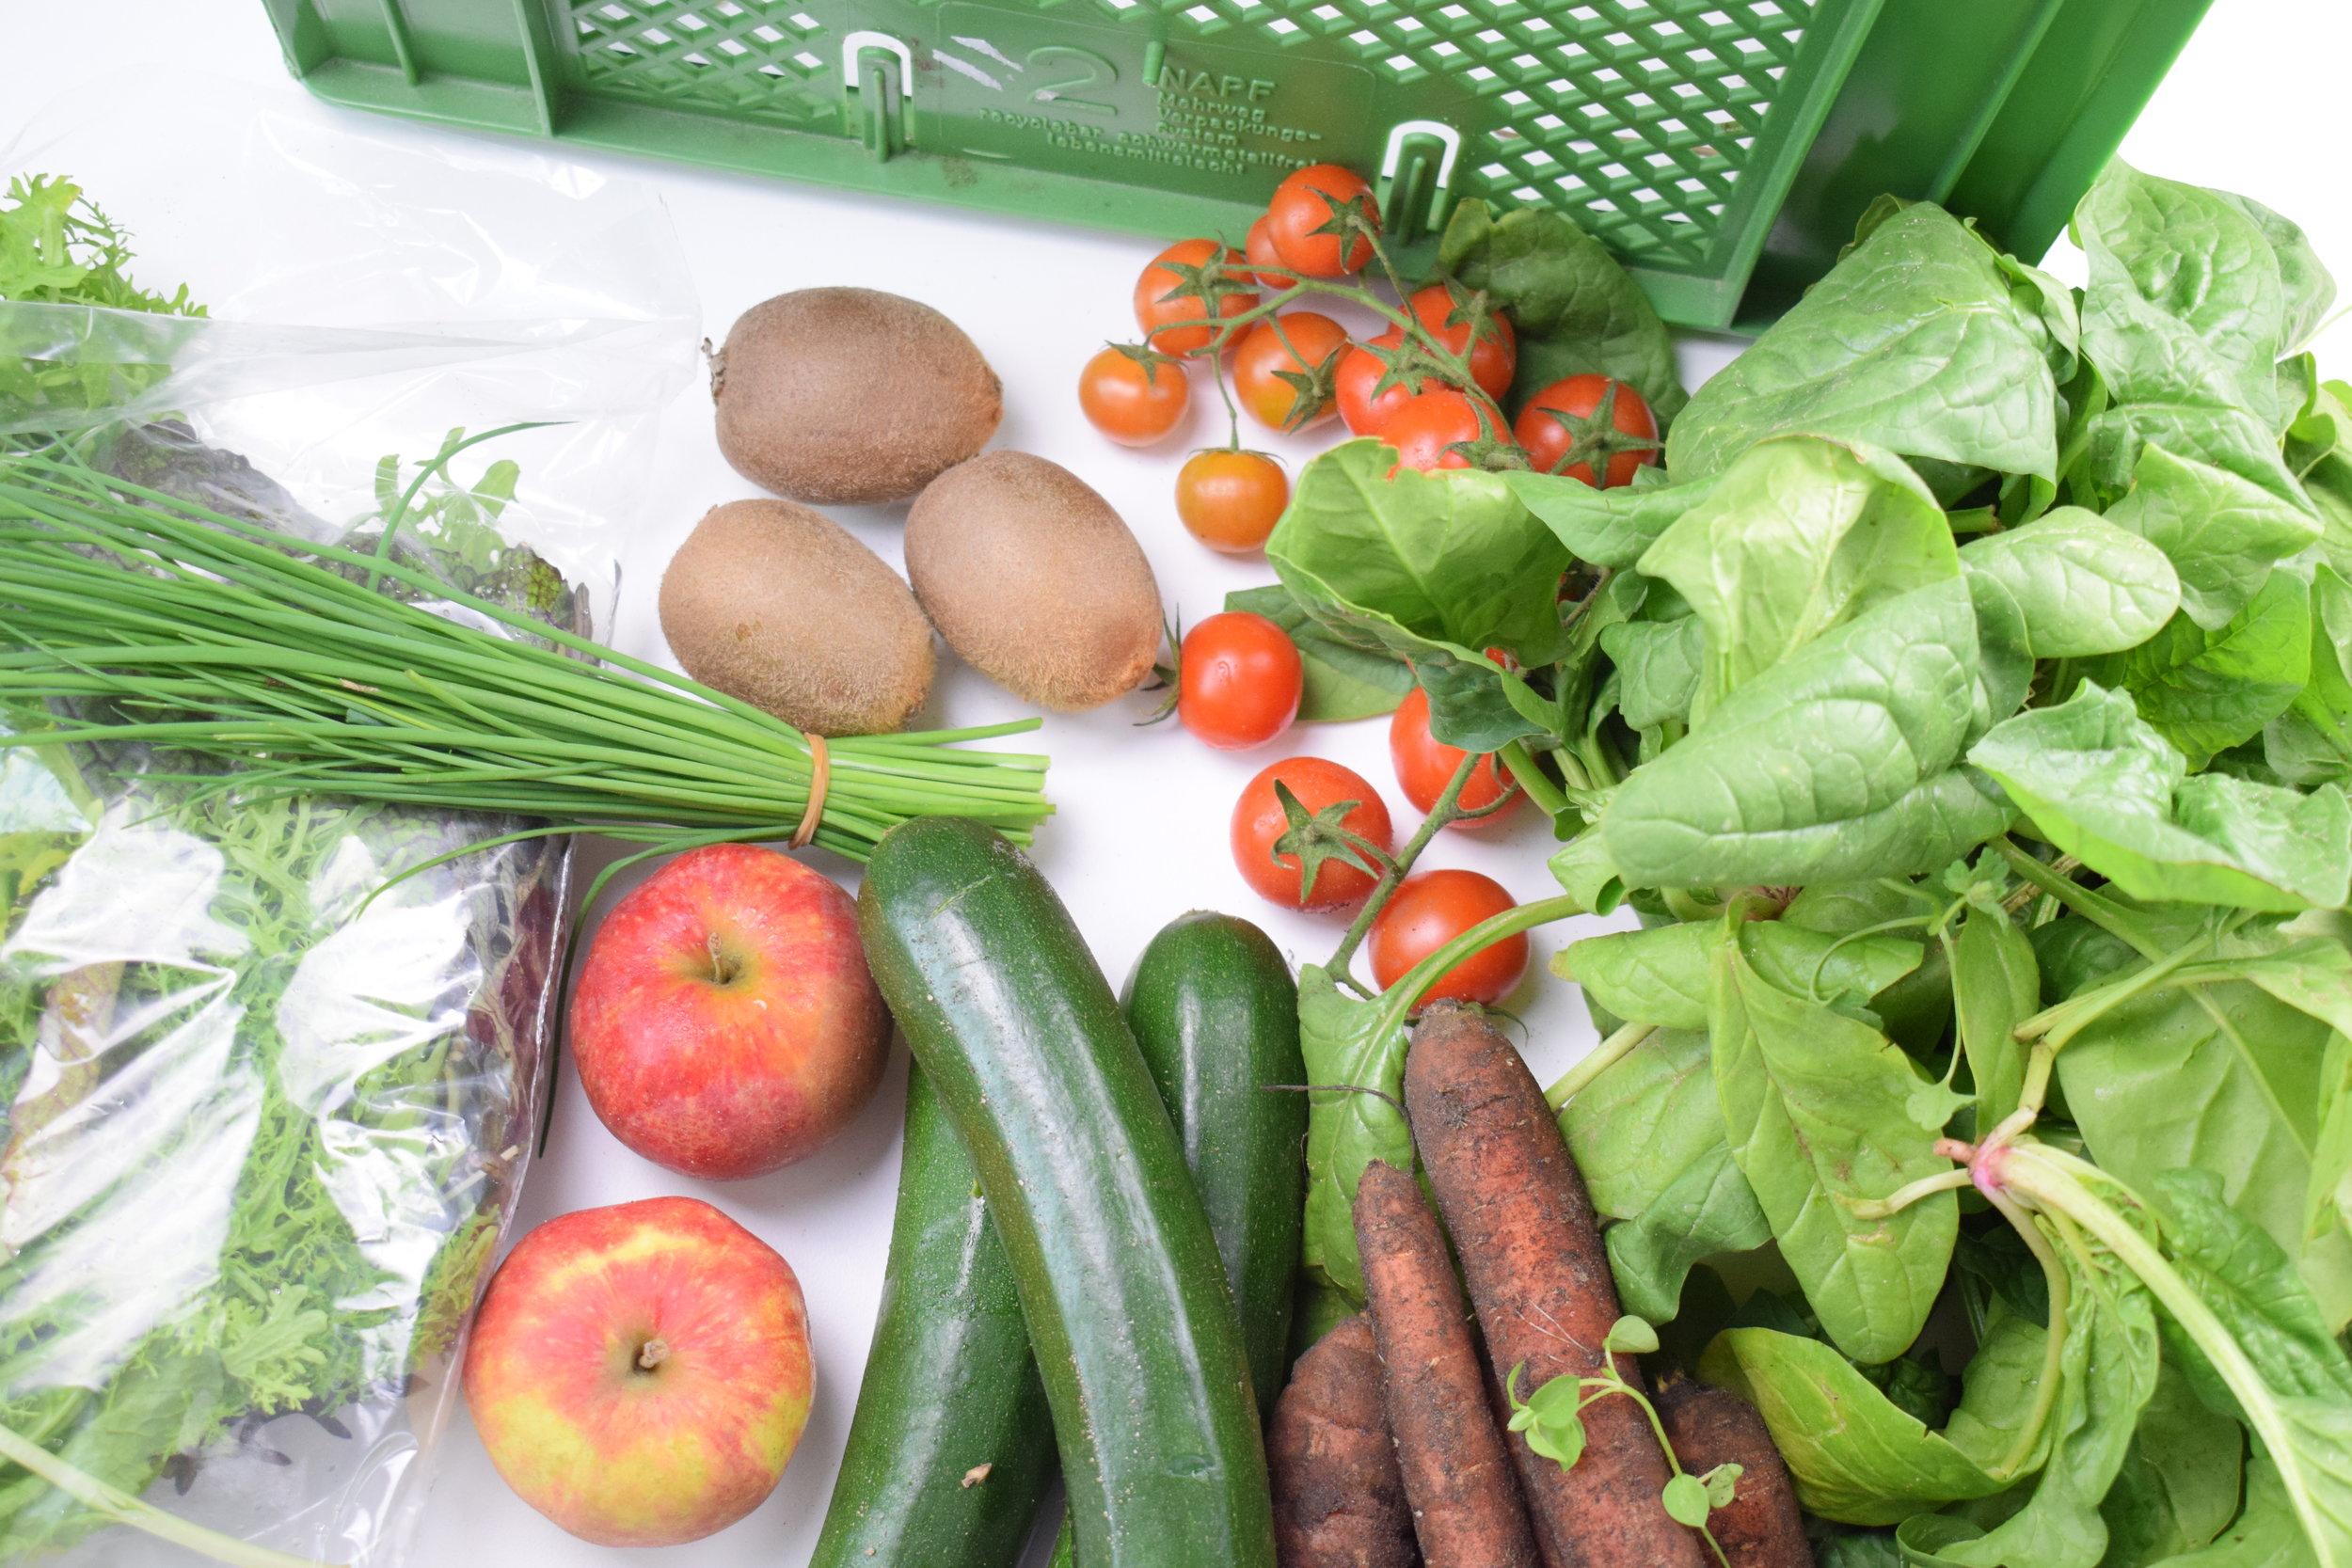 Biokiste - Nachhaltiger Leben